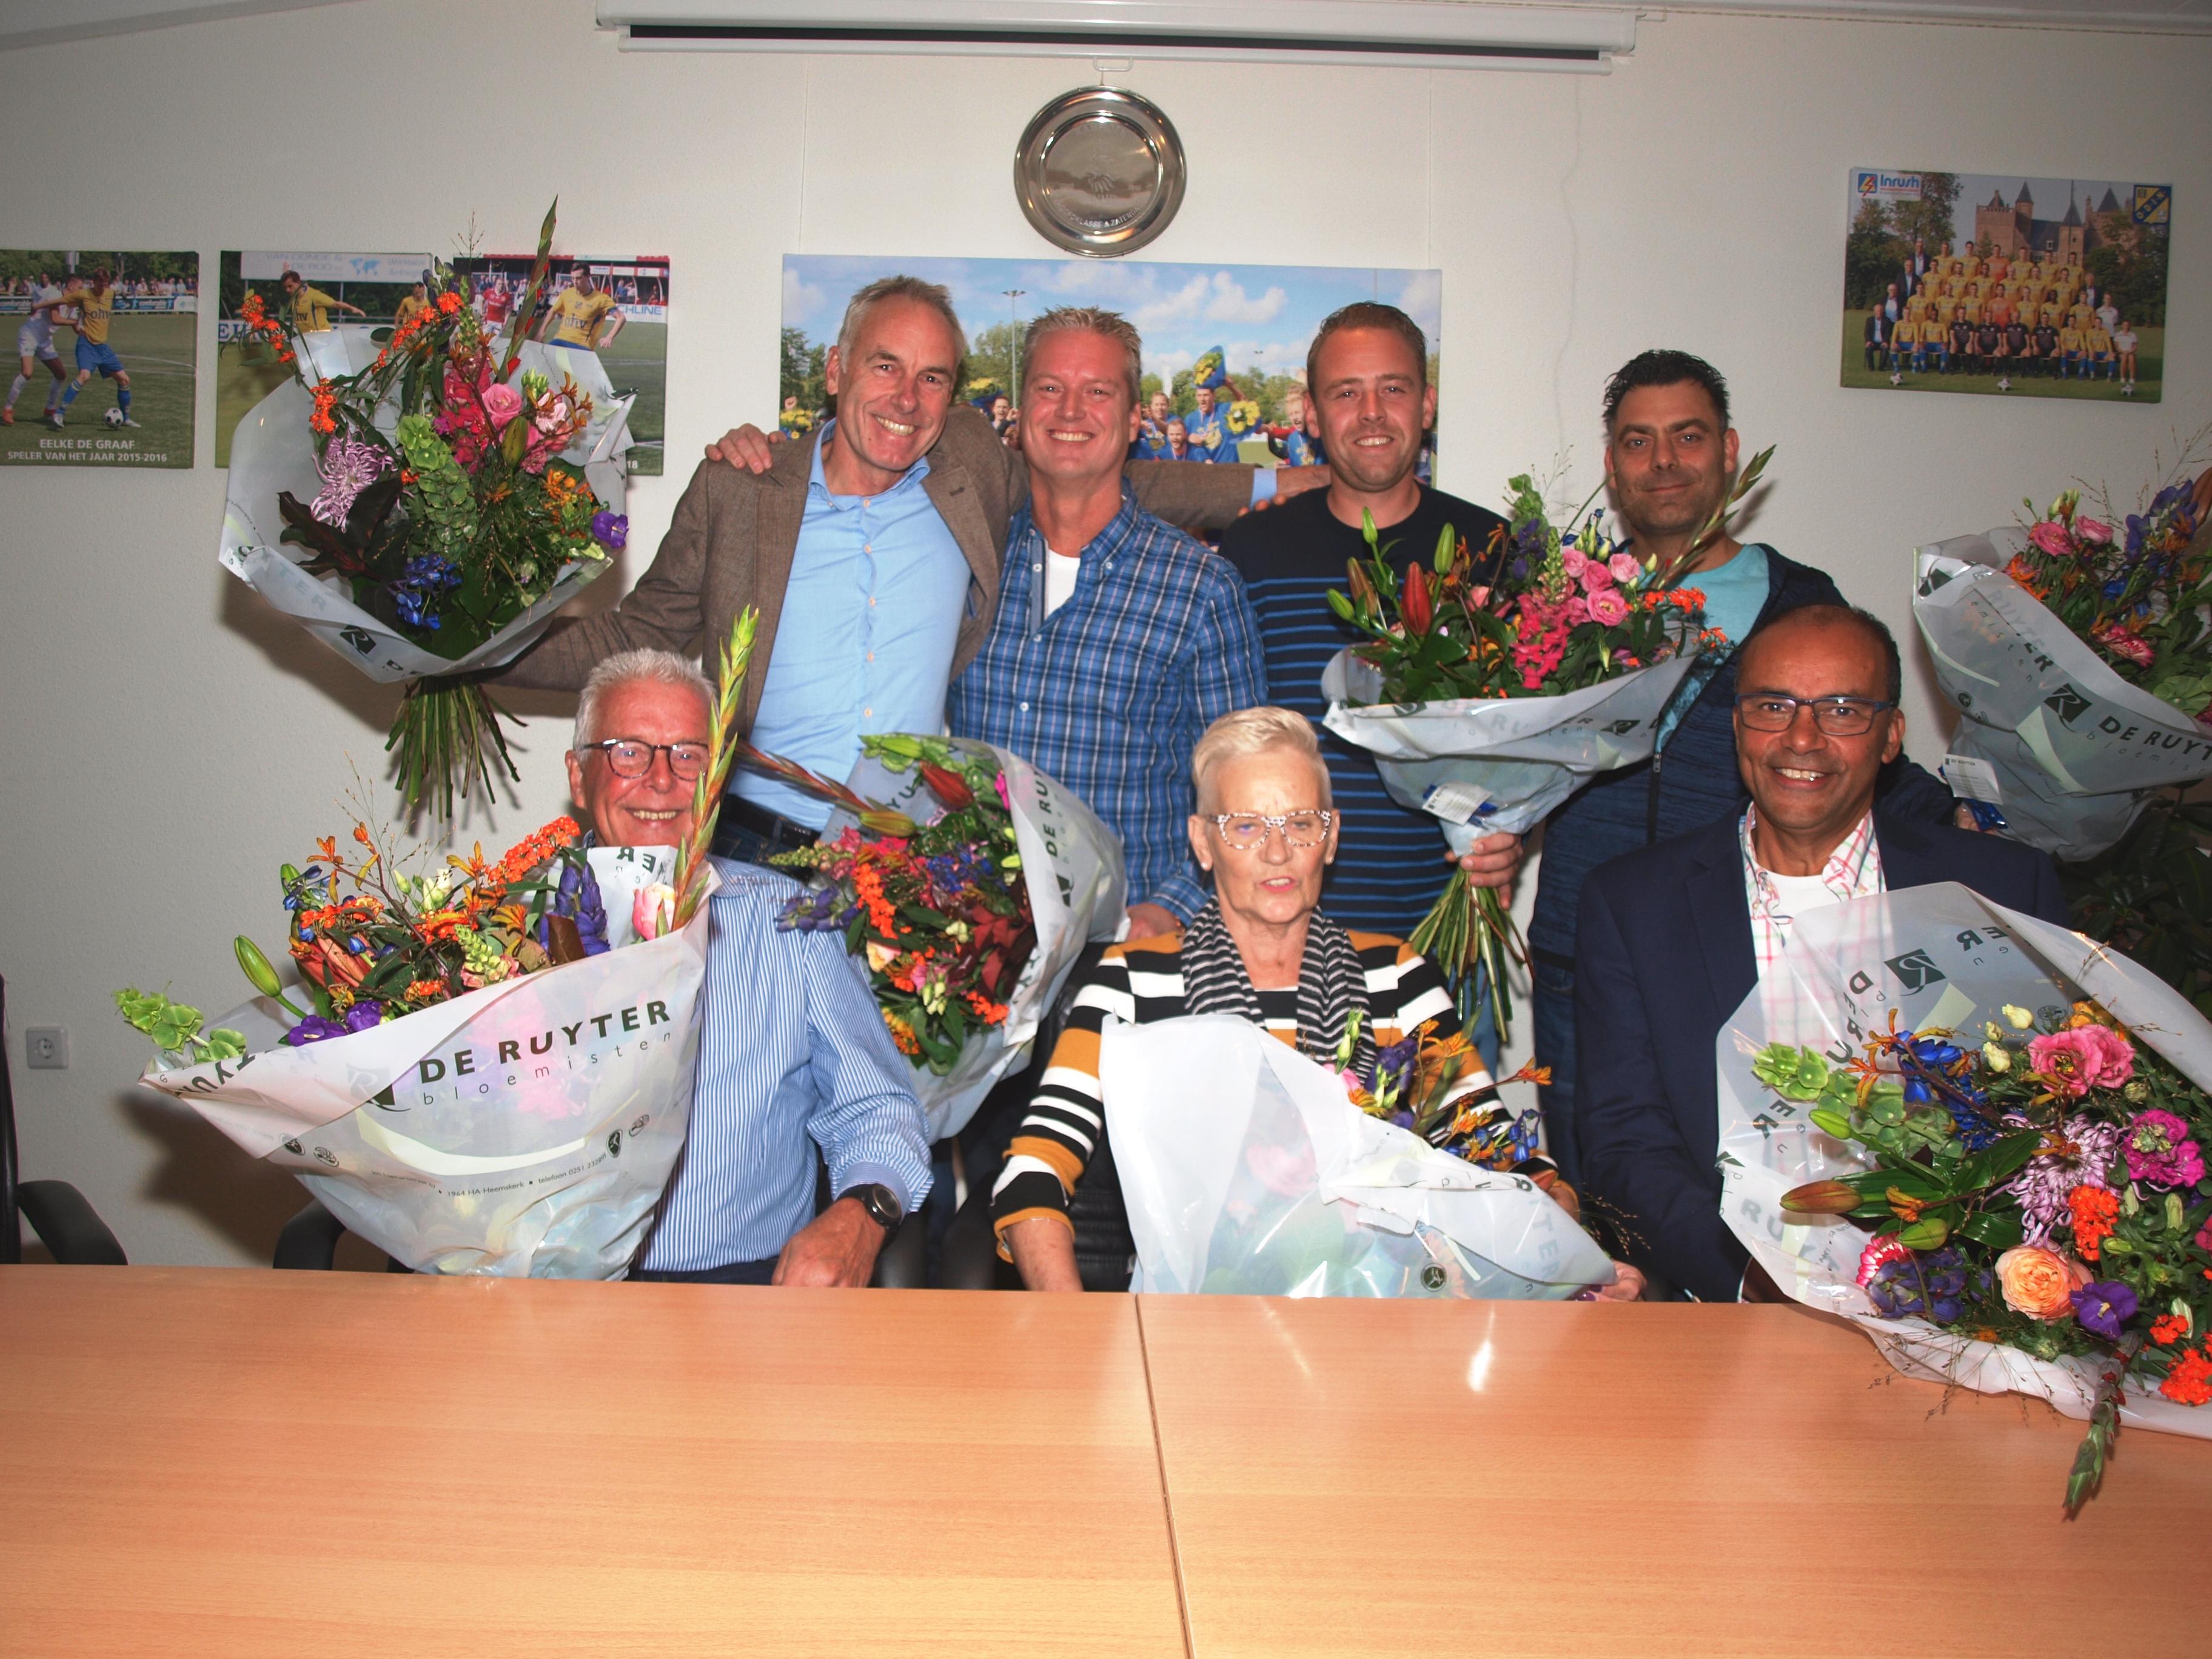 Marianne Kloes te midden van de jubilarissen, links naast haar Peter Kloes en rechts Jaap van Aanholt. Achter van links naar rechts Hans Rosenberg, Hans Kremer, Steven Blokzijl en Dave de Pagter. (FOTO: AANGELEVERD)